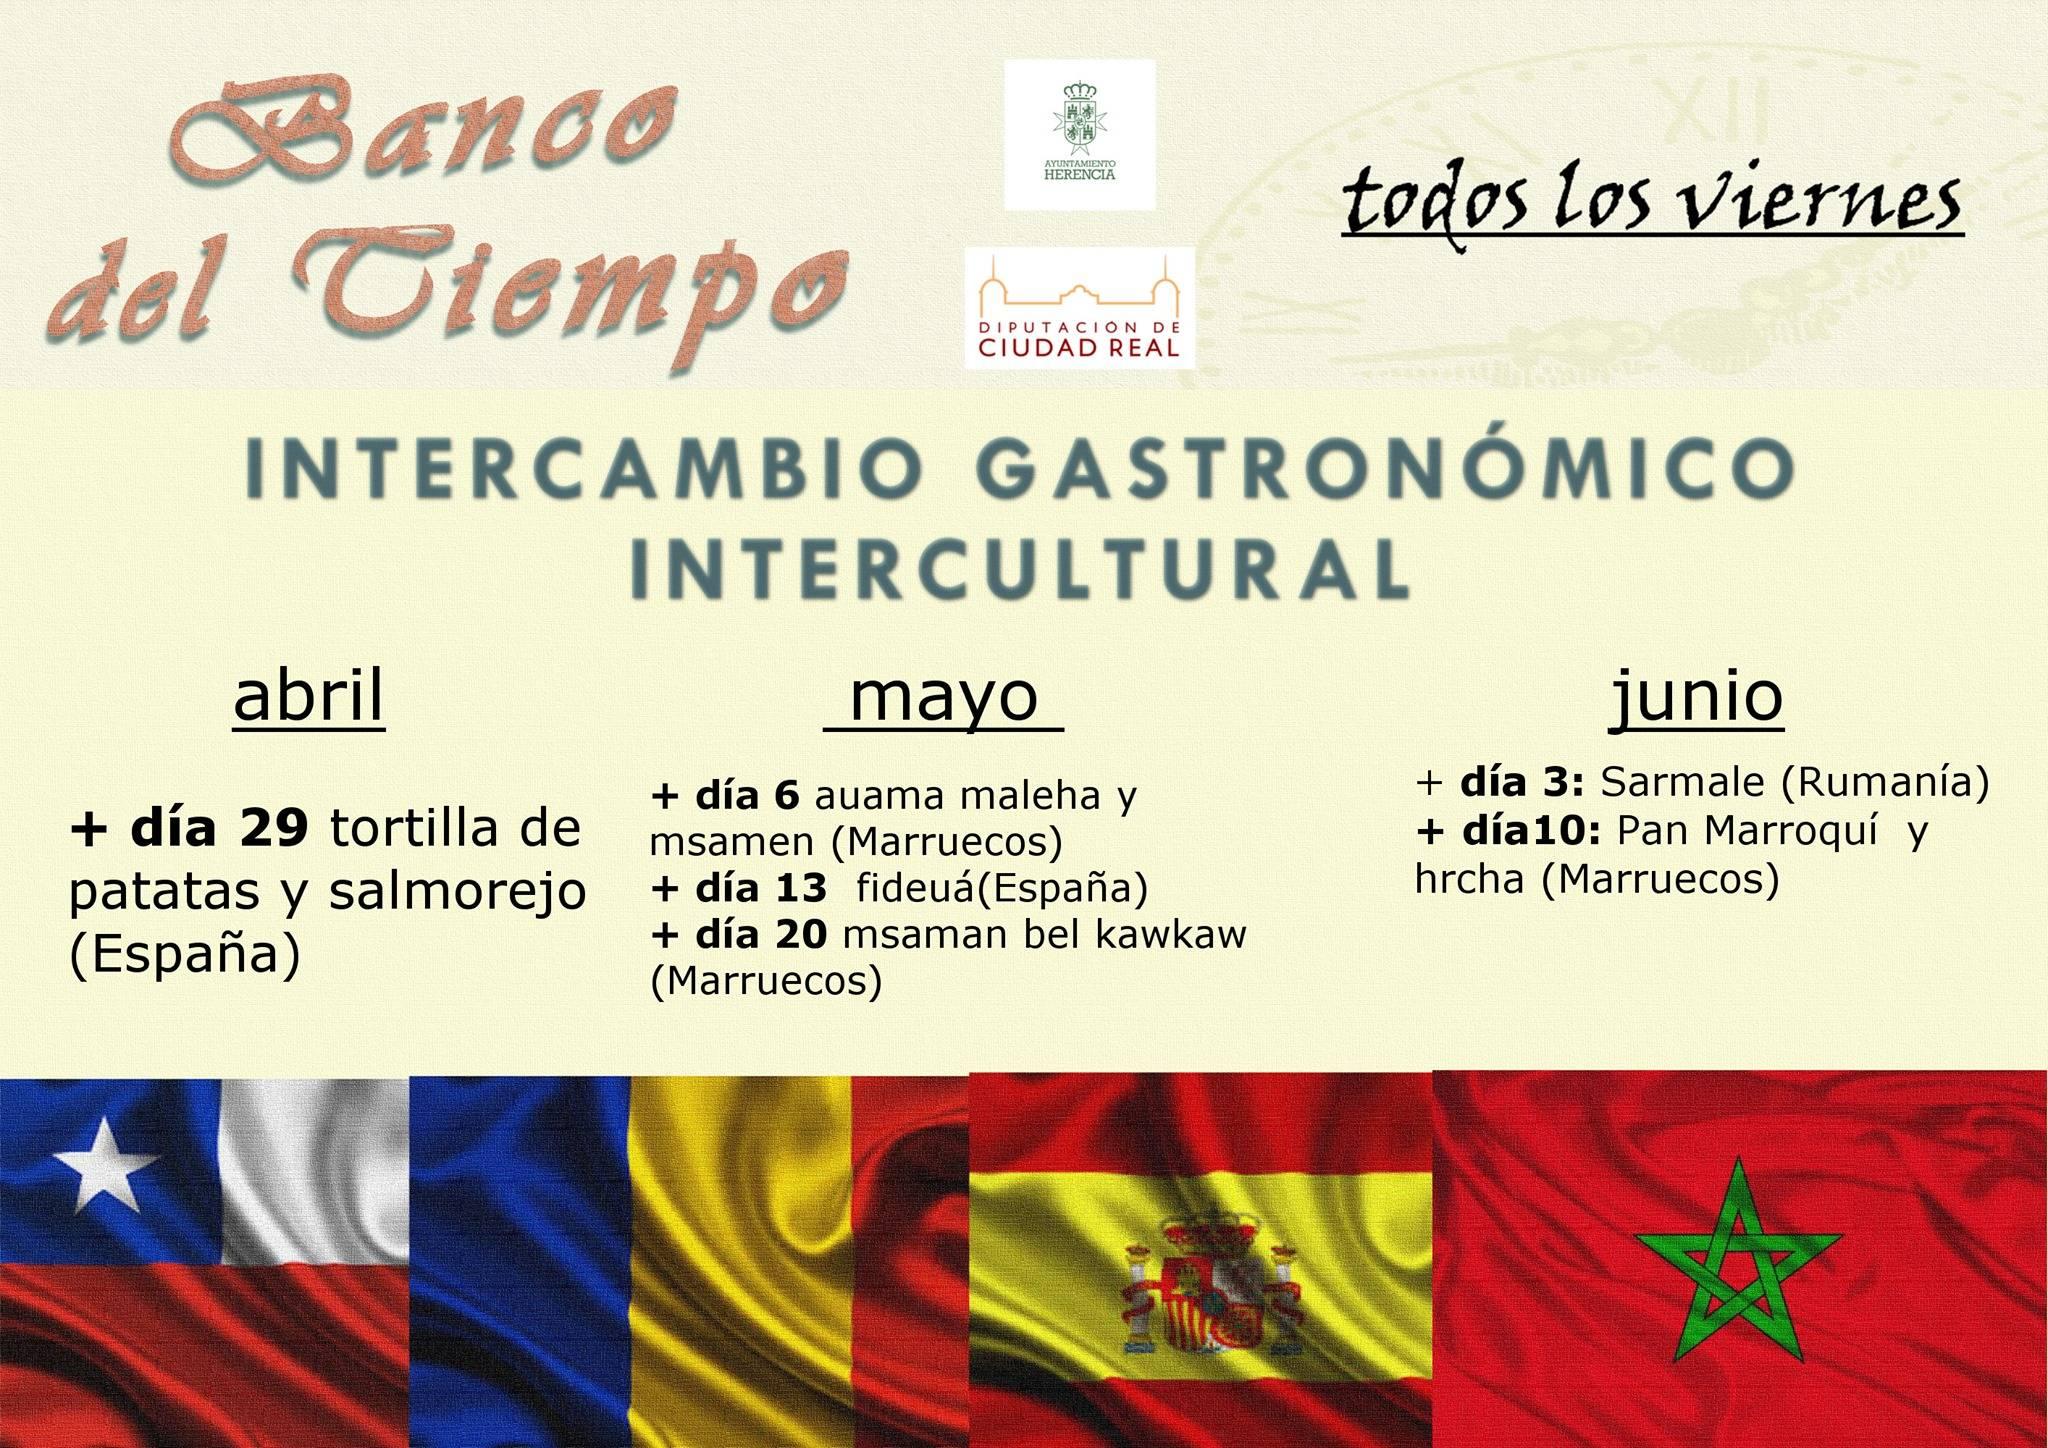 intercambio gastronomico intercultura - Banco de tiempo y su intercambio gastronómico intercultural